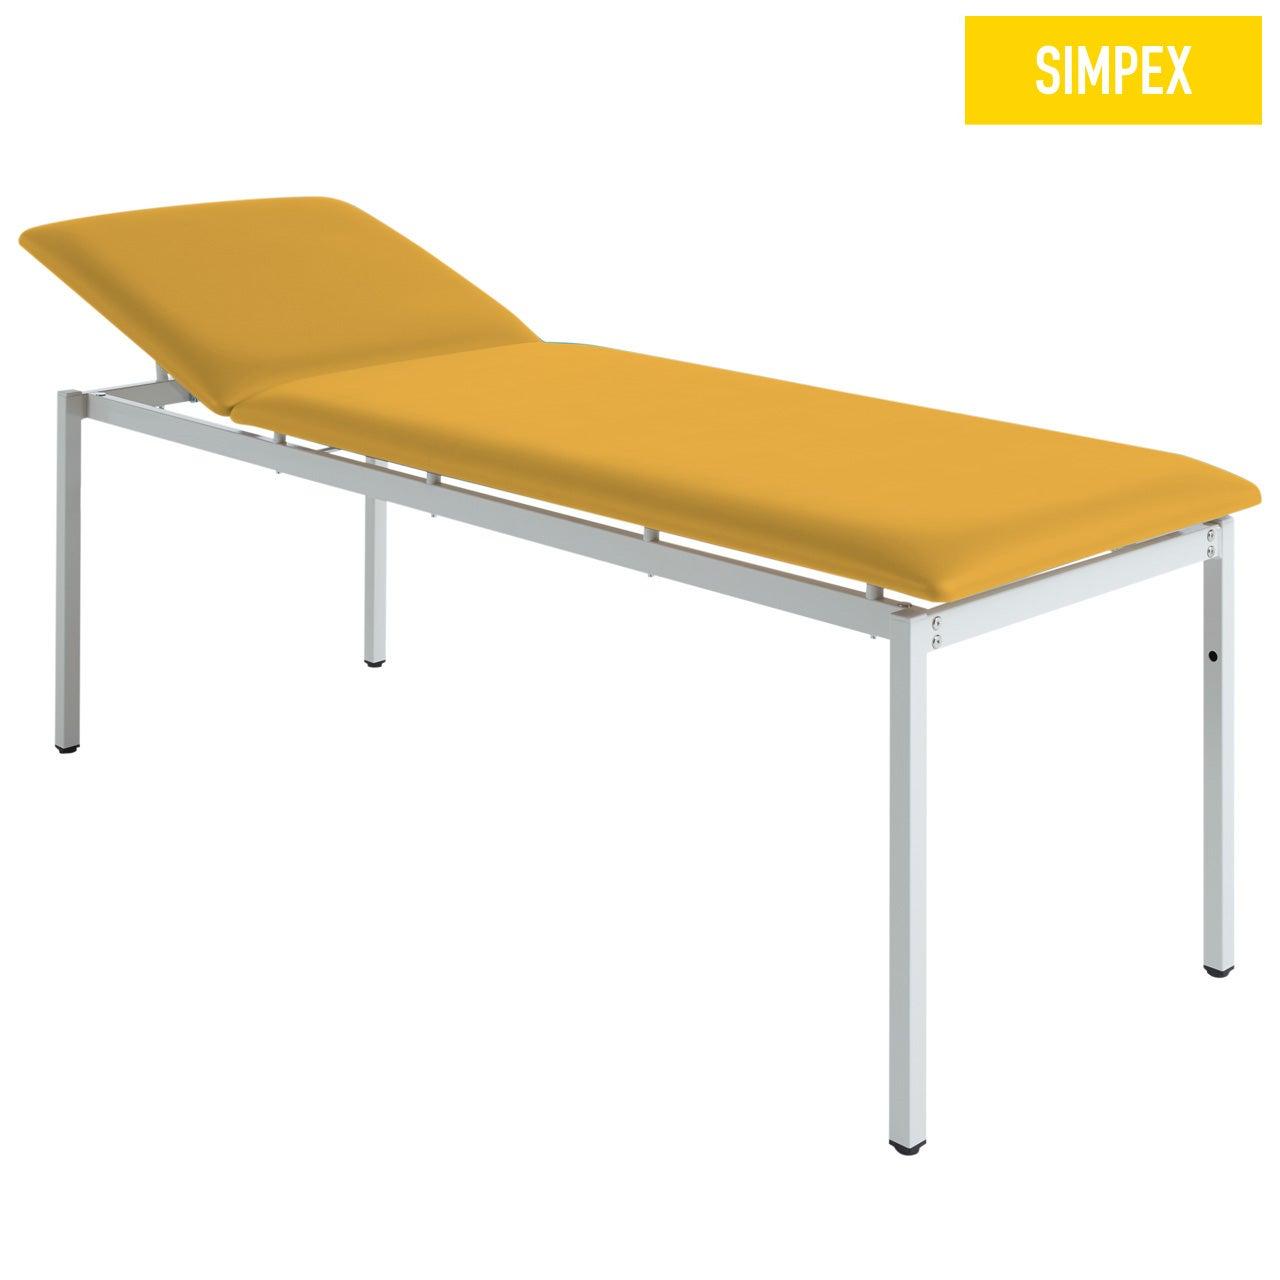 EKG-Untersuchungsliege ATTENDOS 80 Classic mit Kunstleder in gelb (mais) und einem Gestell aus Stahl grauweiß gepulvert von SIMPEX